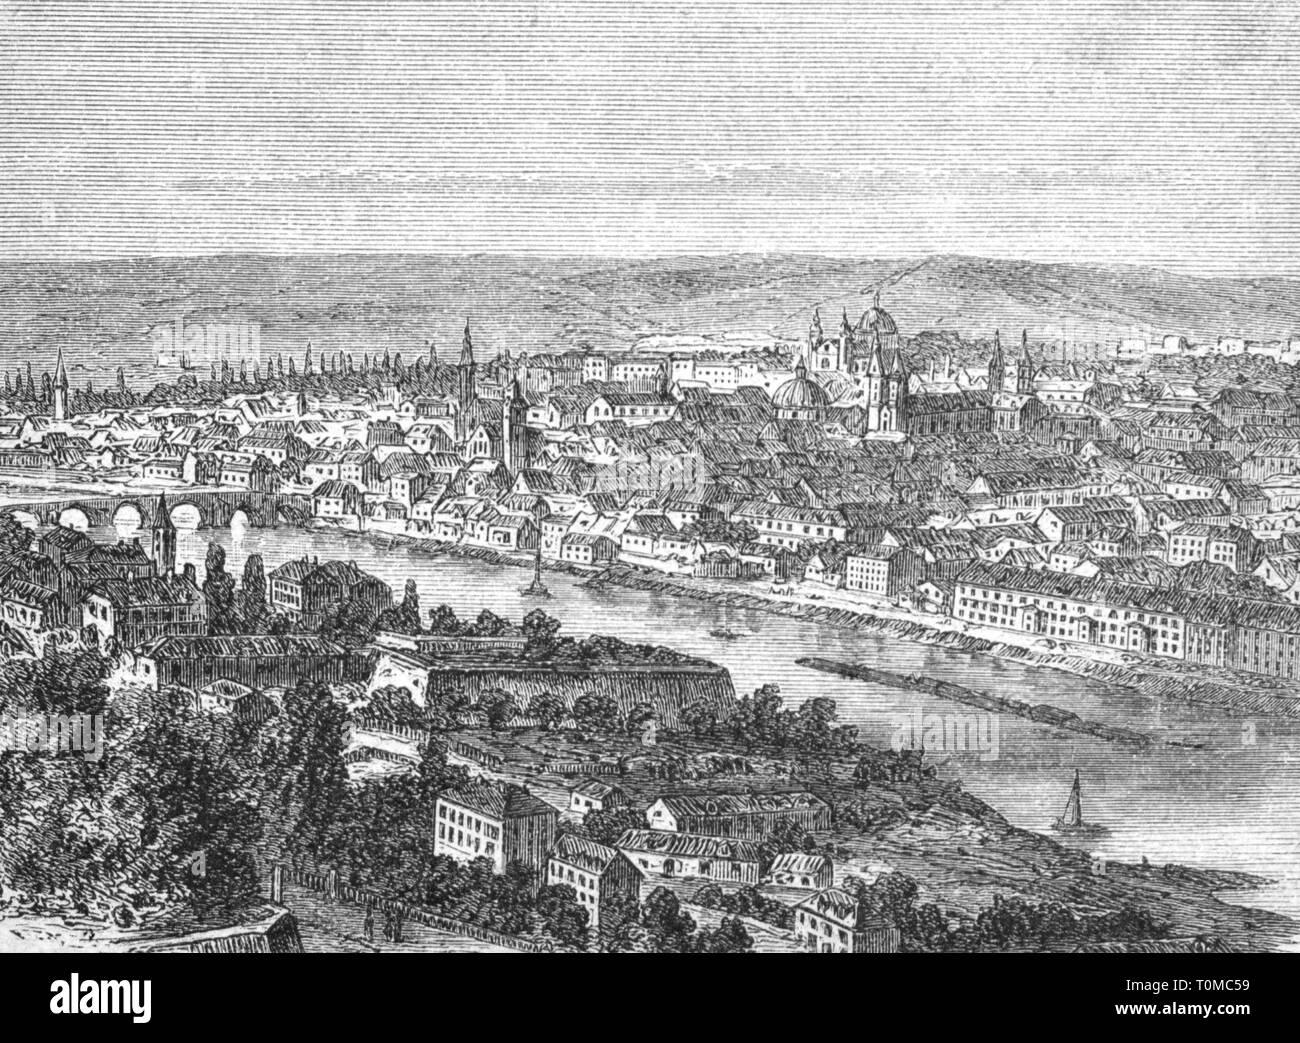 Geographie/Reisen, Deutschland, Würzburg, Aussicht, Holzstich, ca. 1880, Artist's Urheberrecht nicht geklärt zu werden. Stockbild